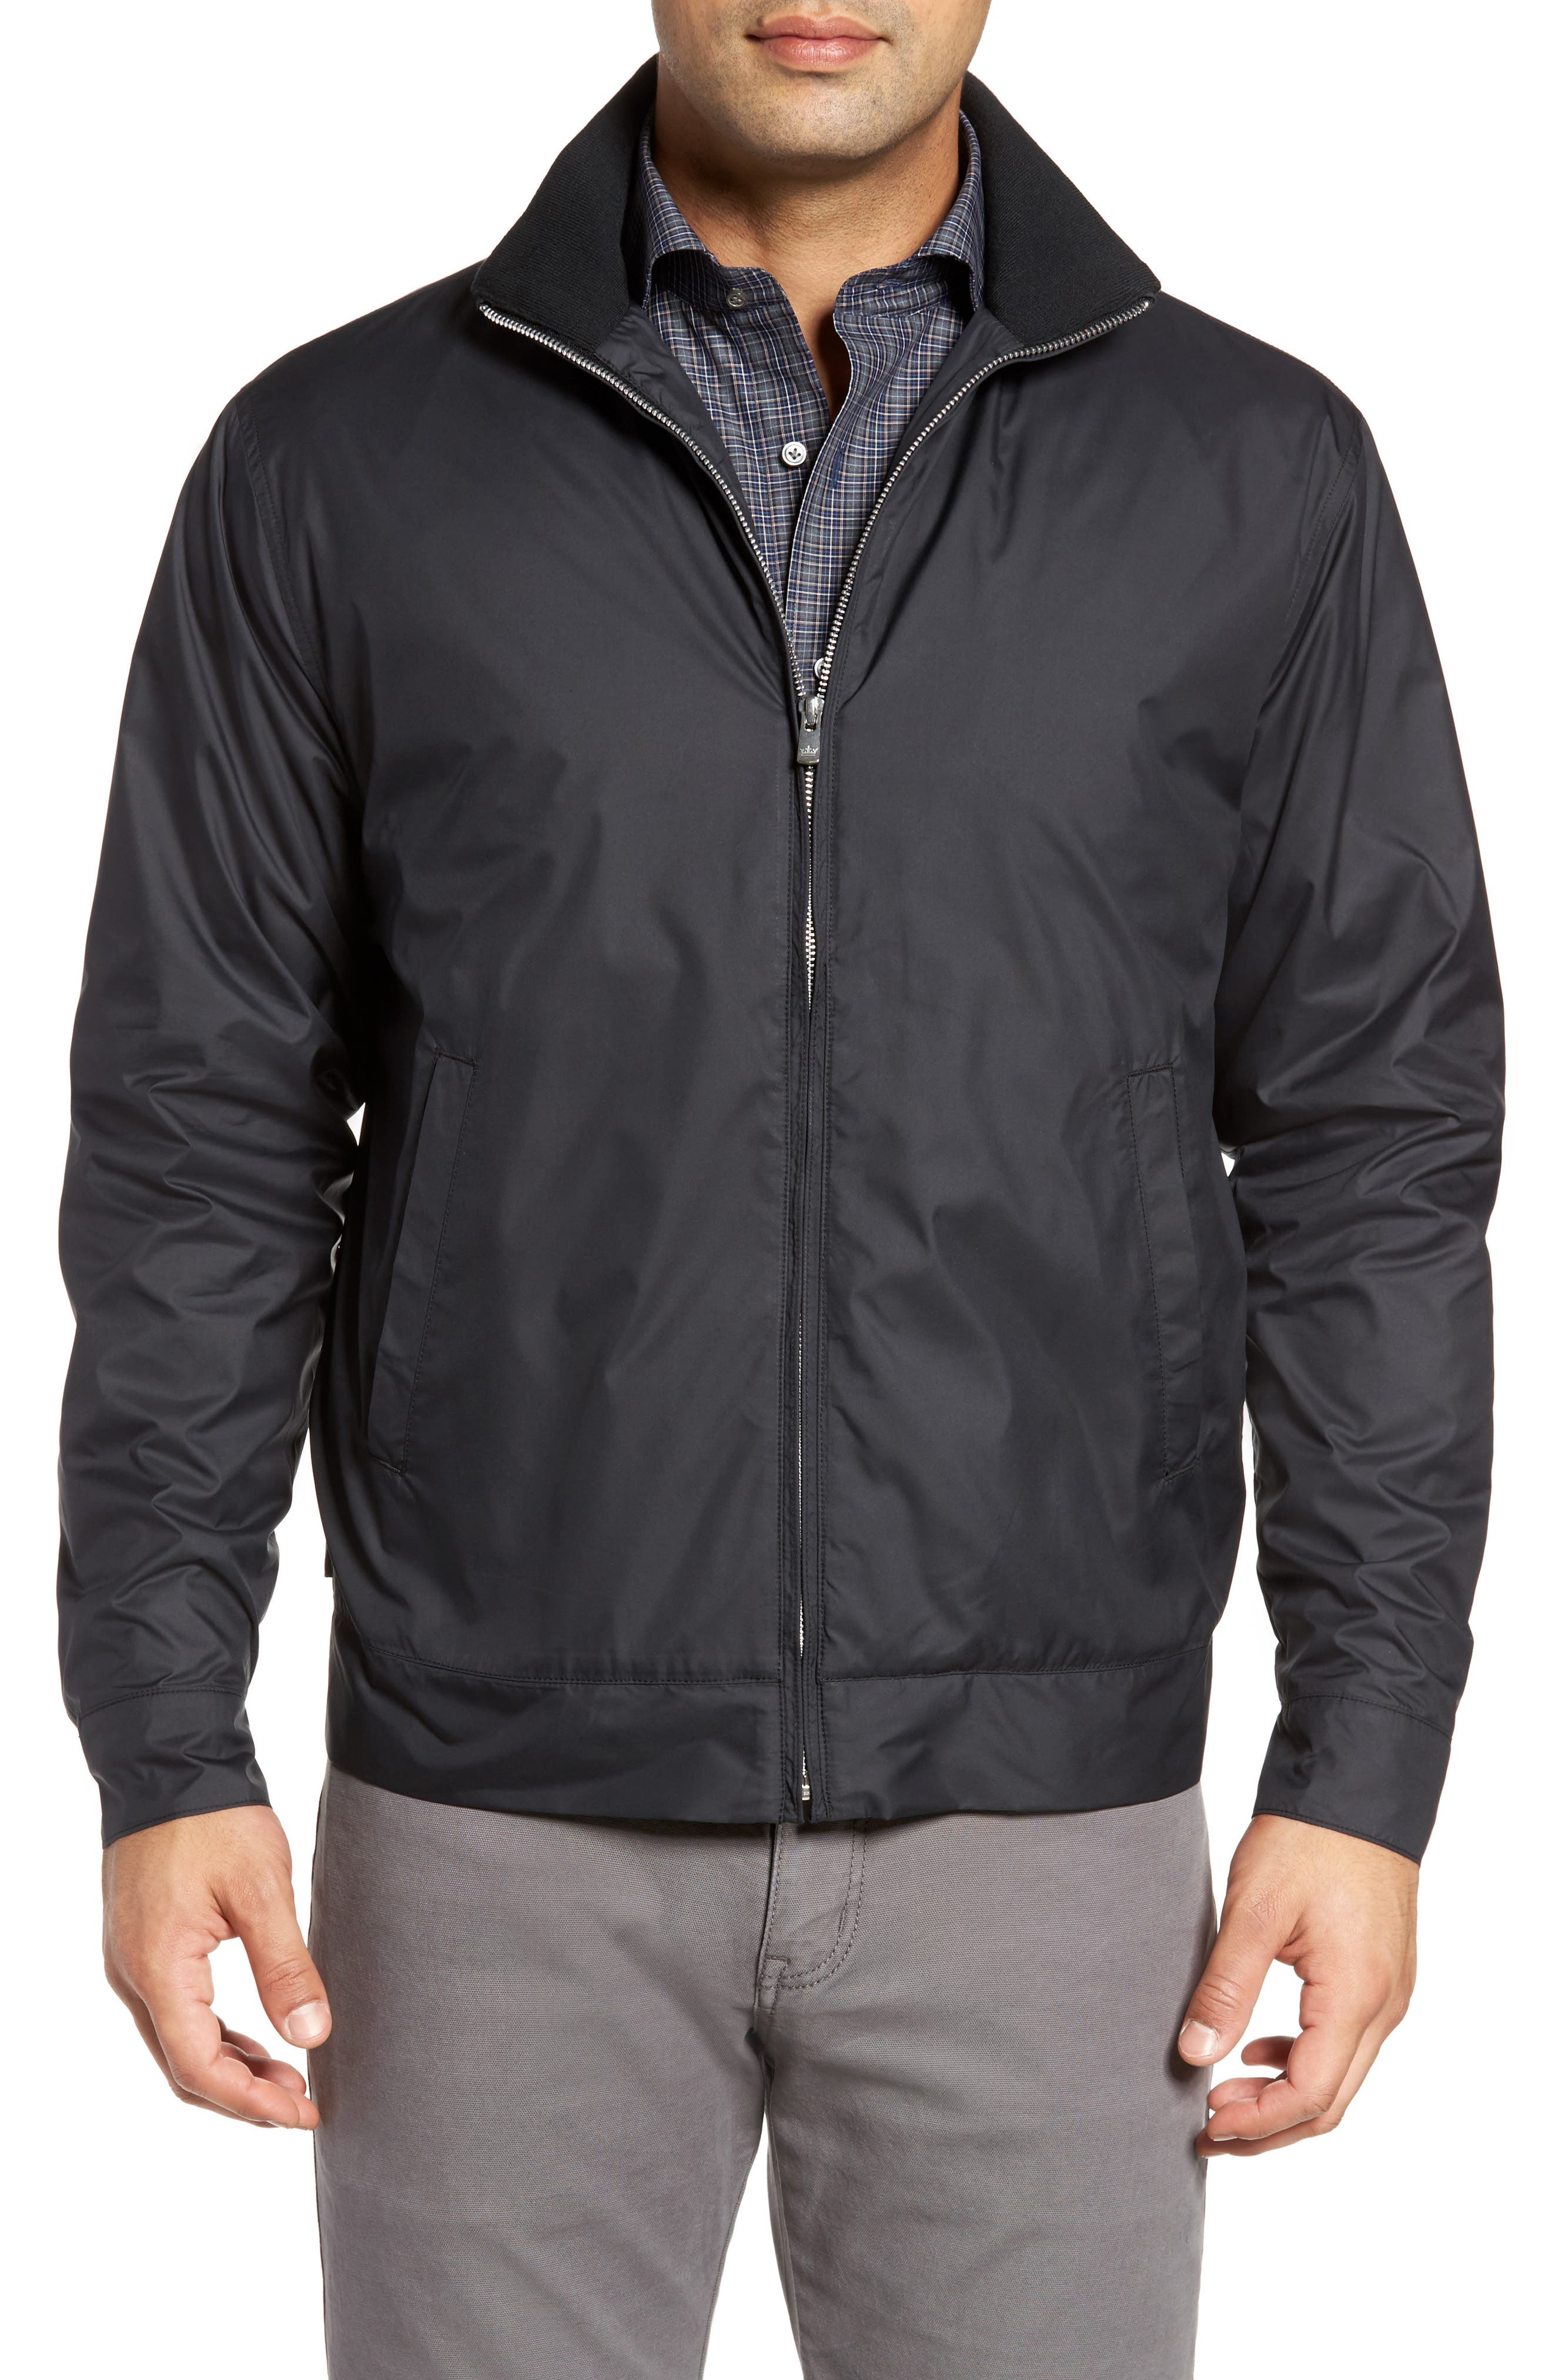 PETER MILLAR Zip Jacket, Main, color, BLACK